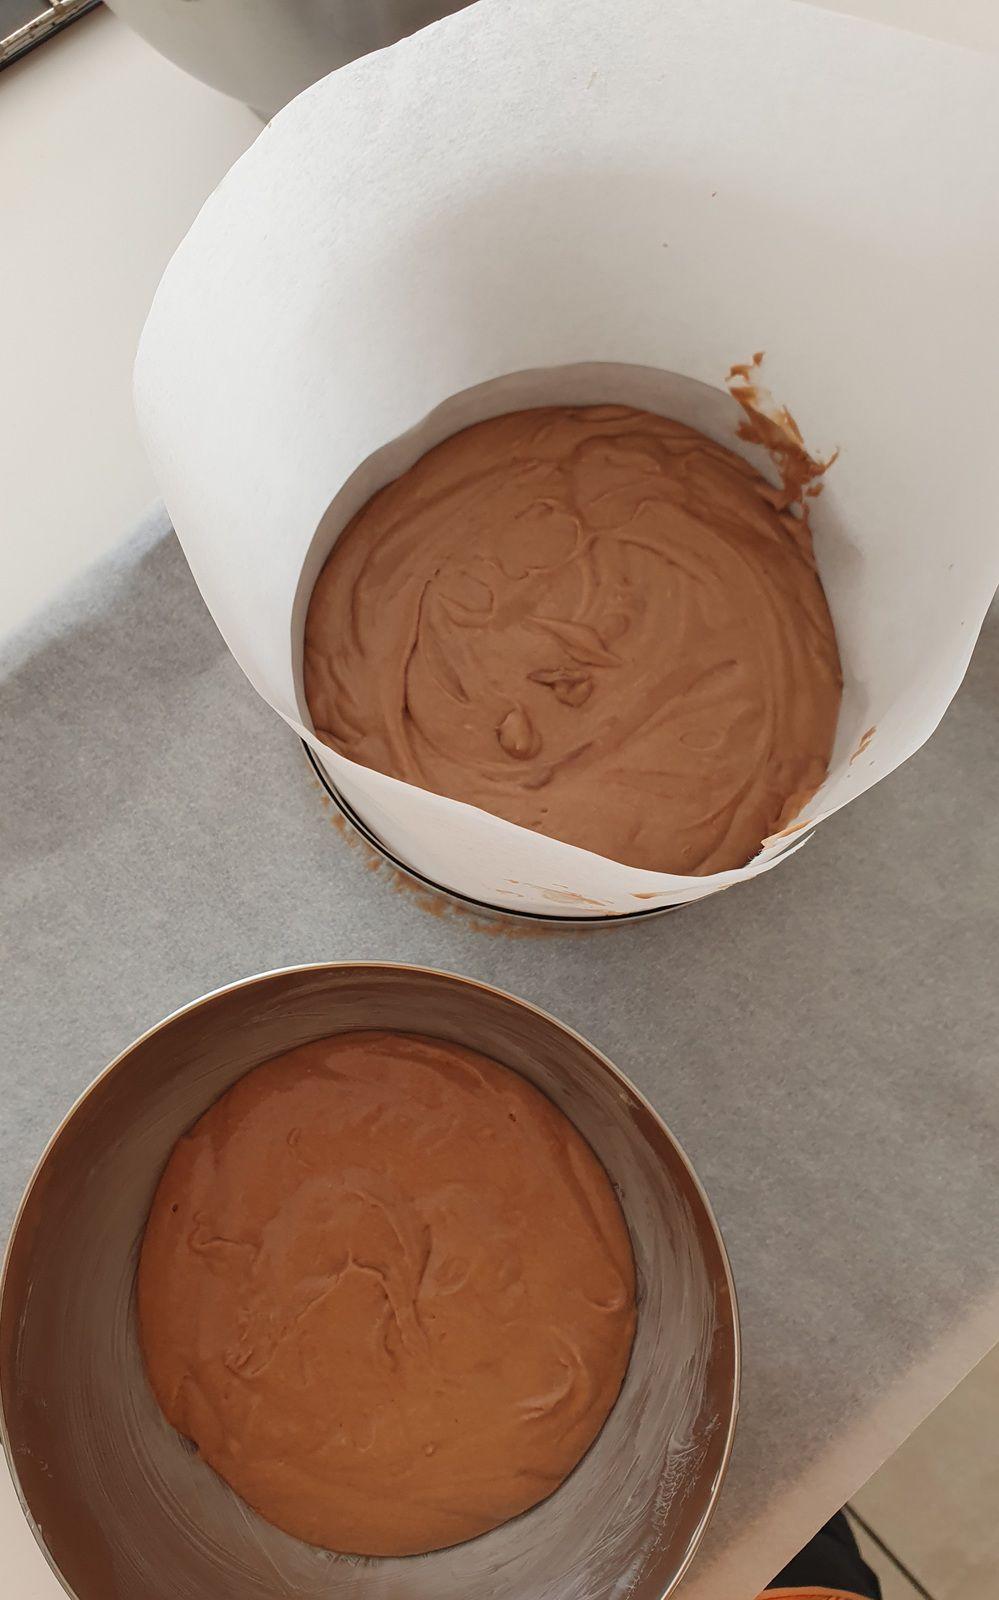 pâte choco et chantilly mélangées et répartiton dans les moules